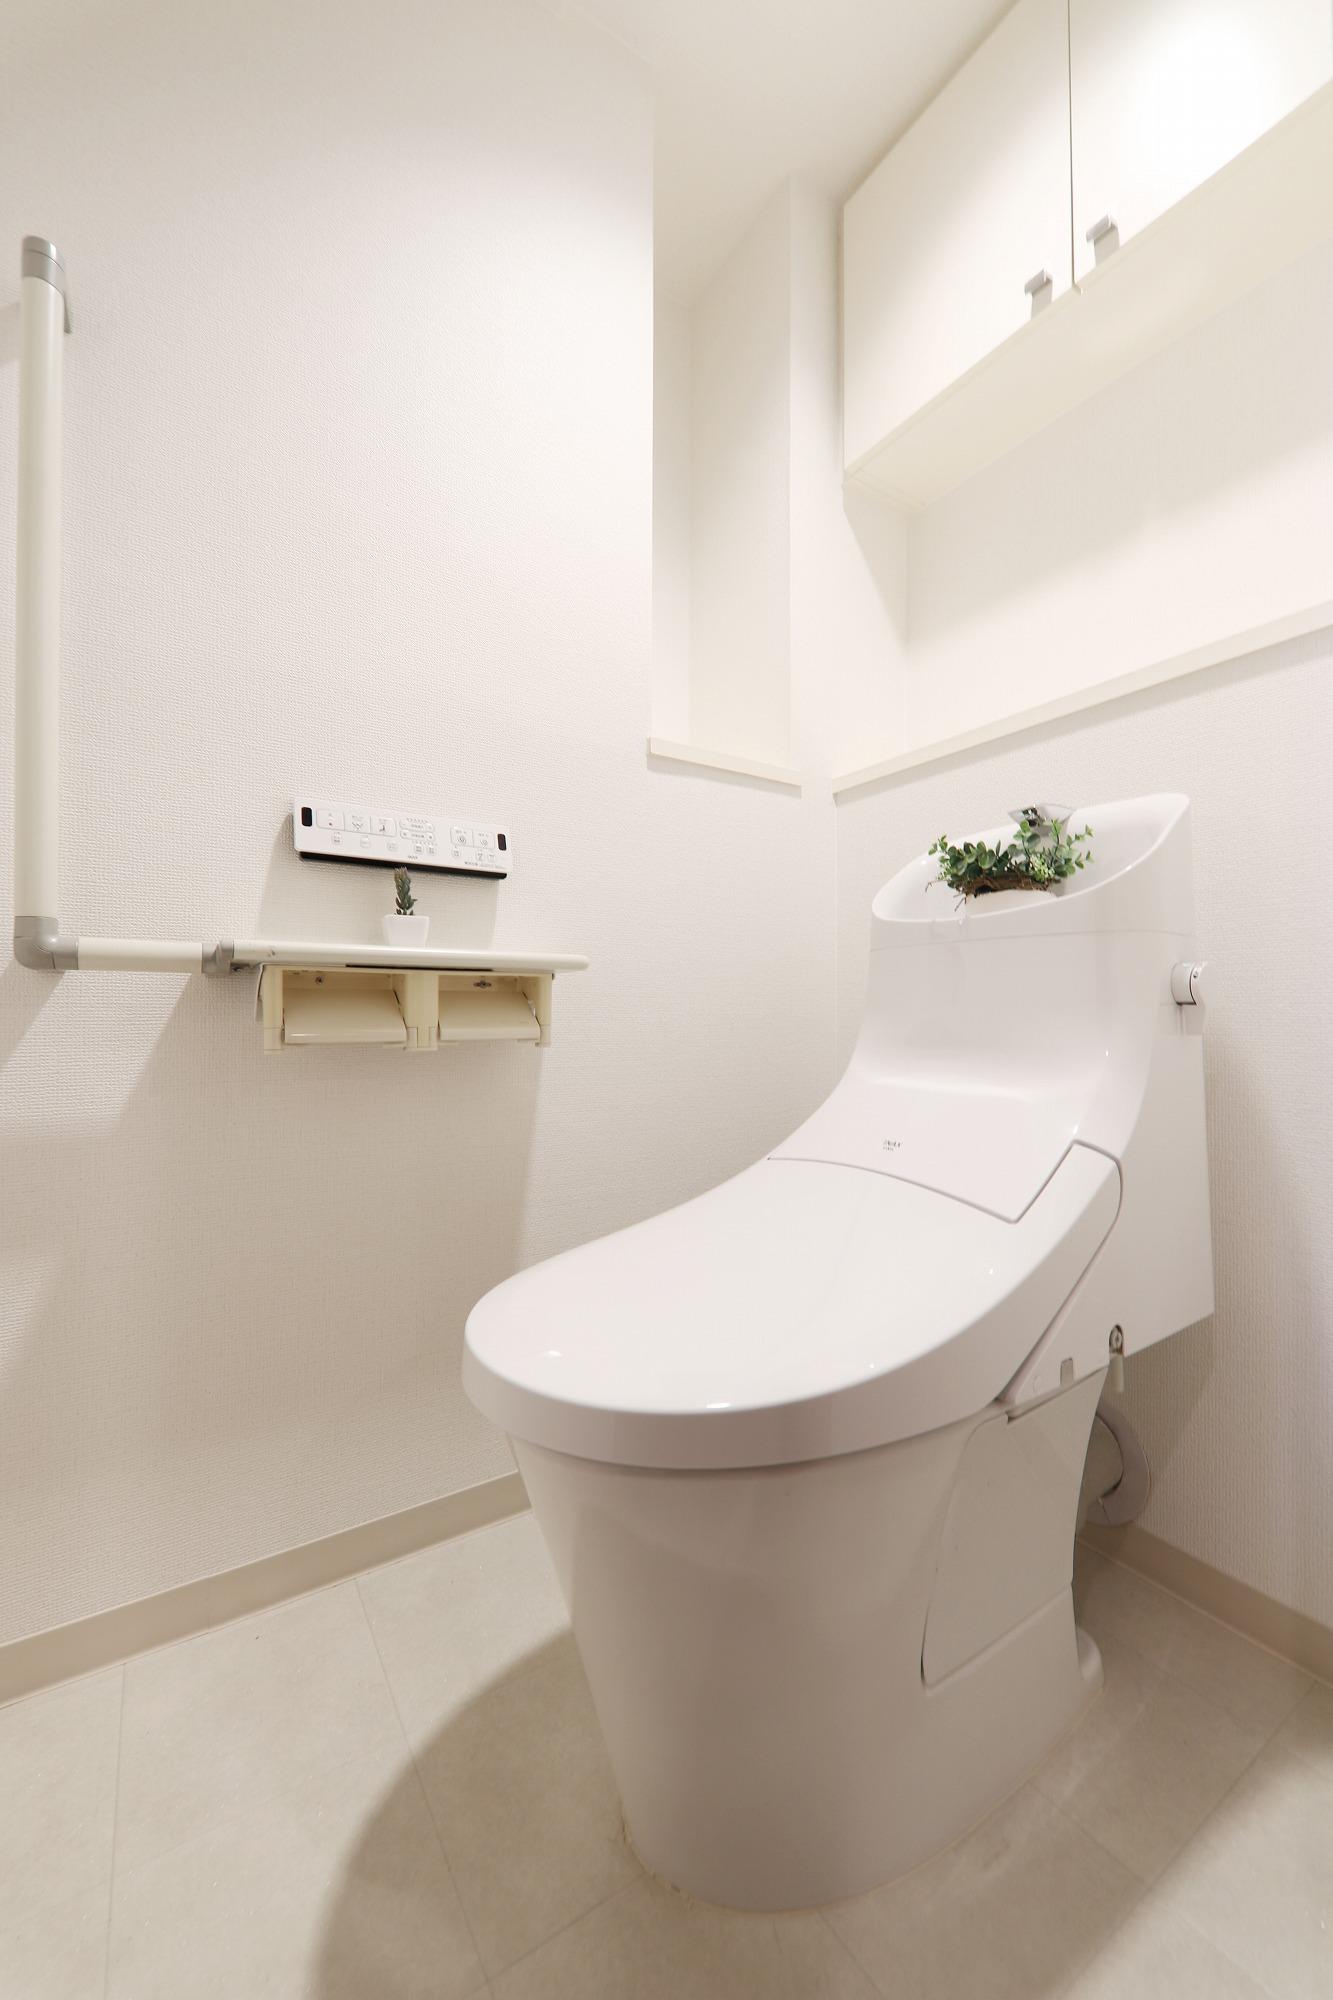 INAX製トイレ新品交換